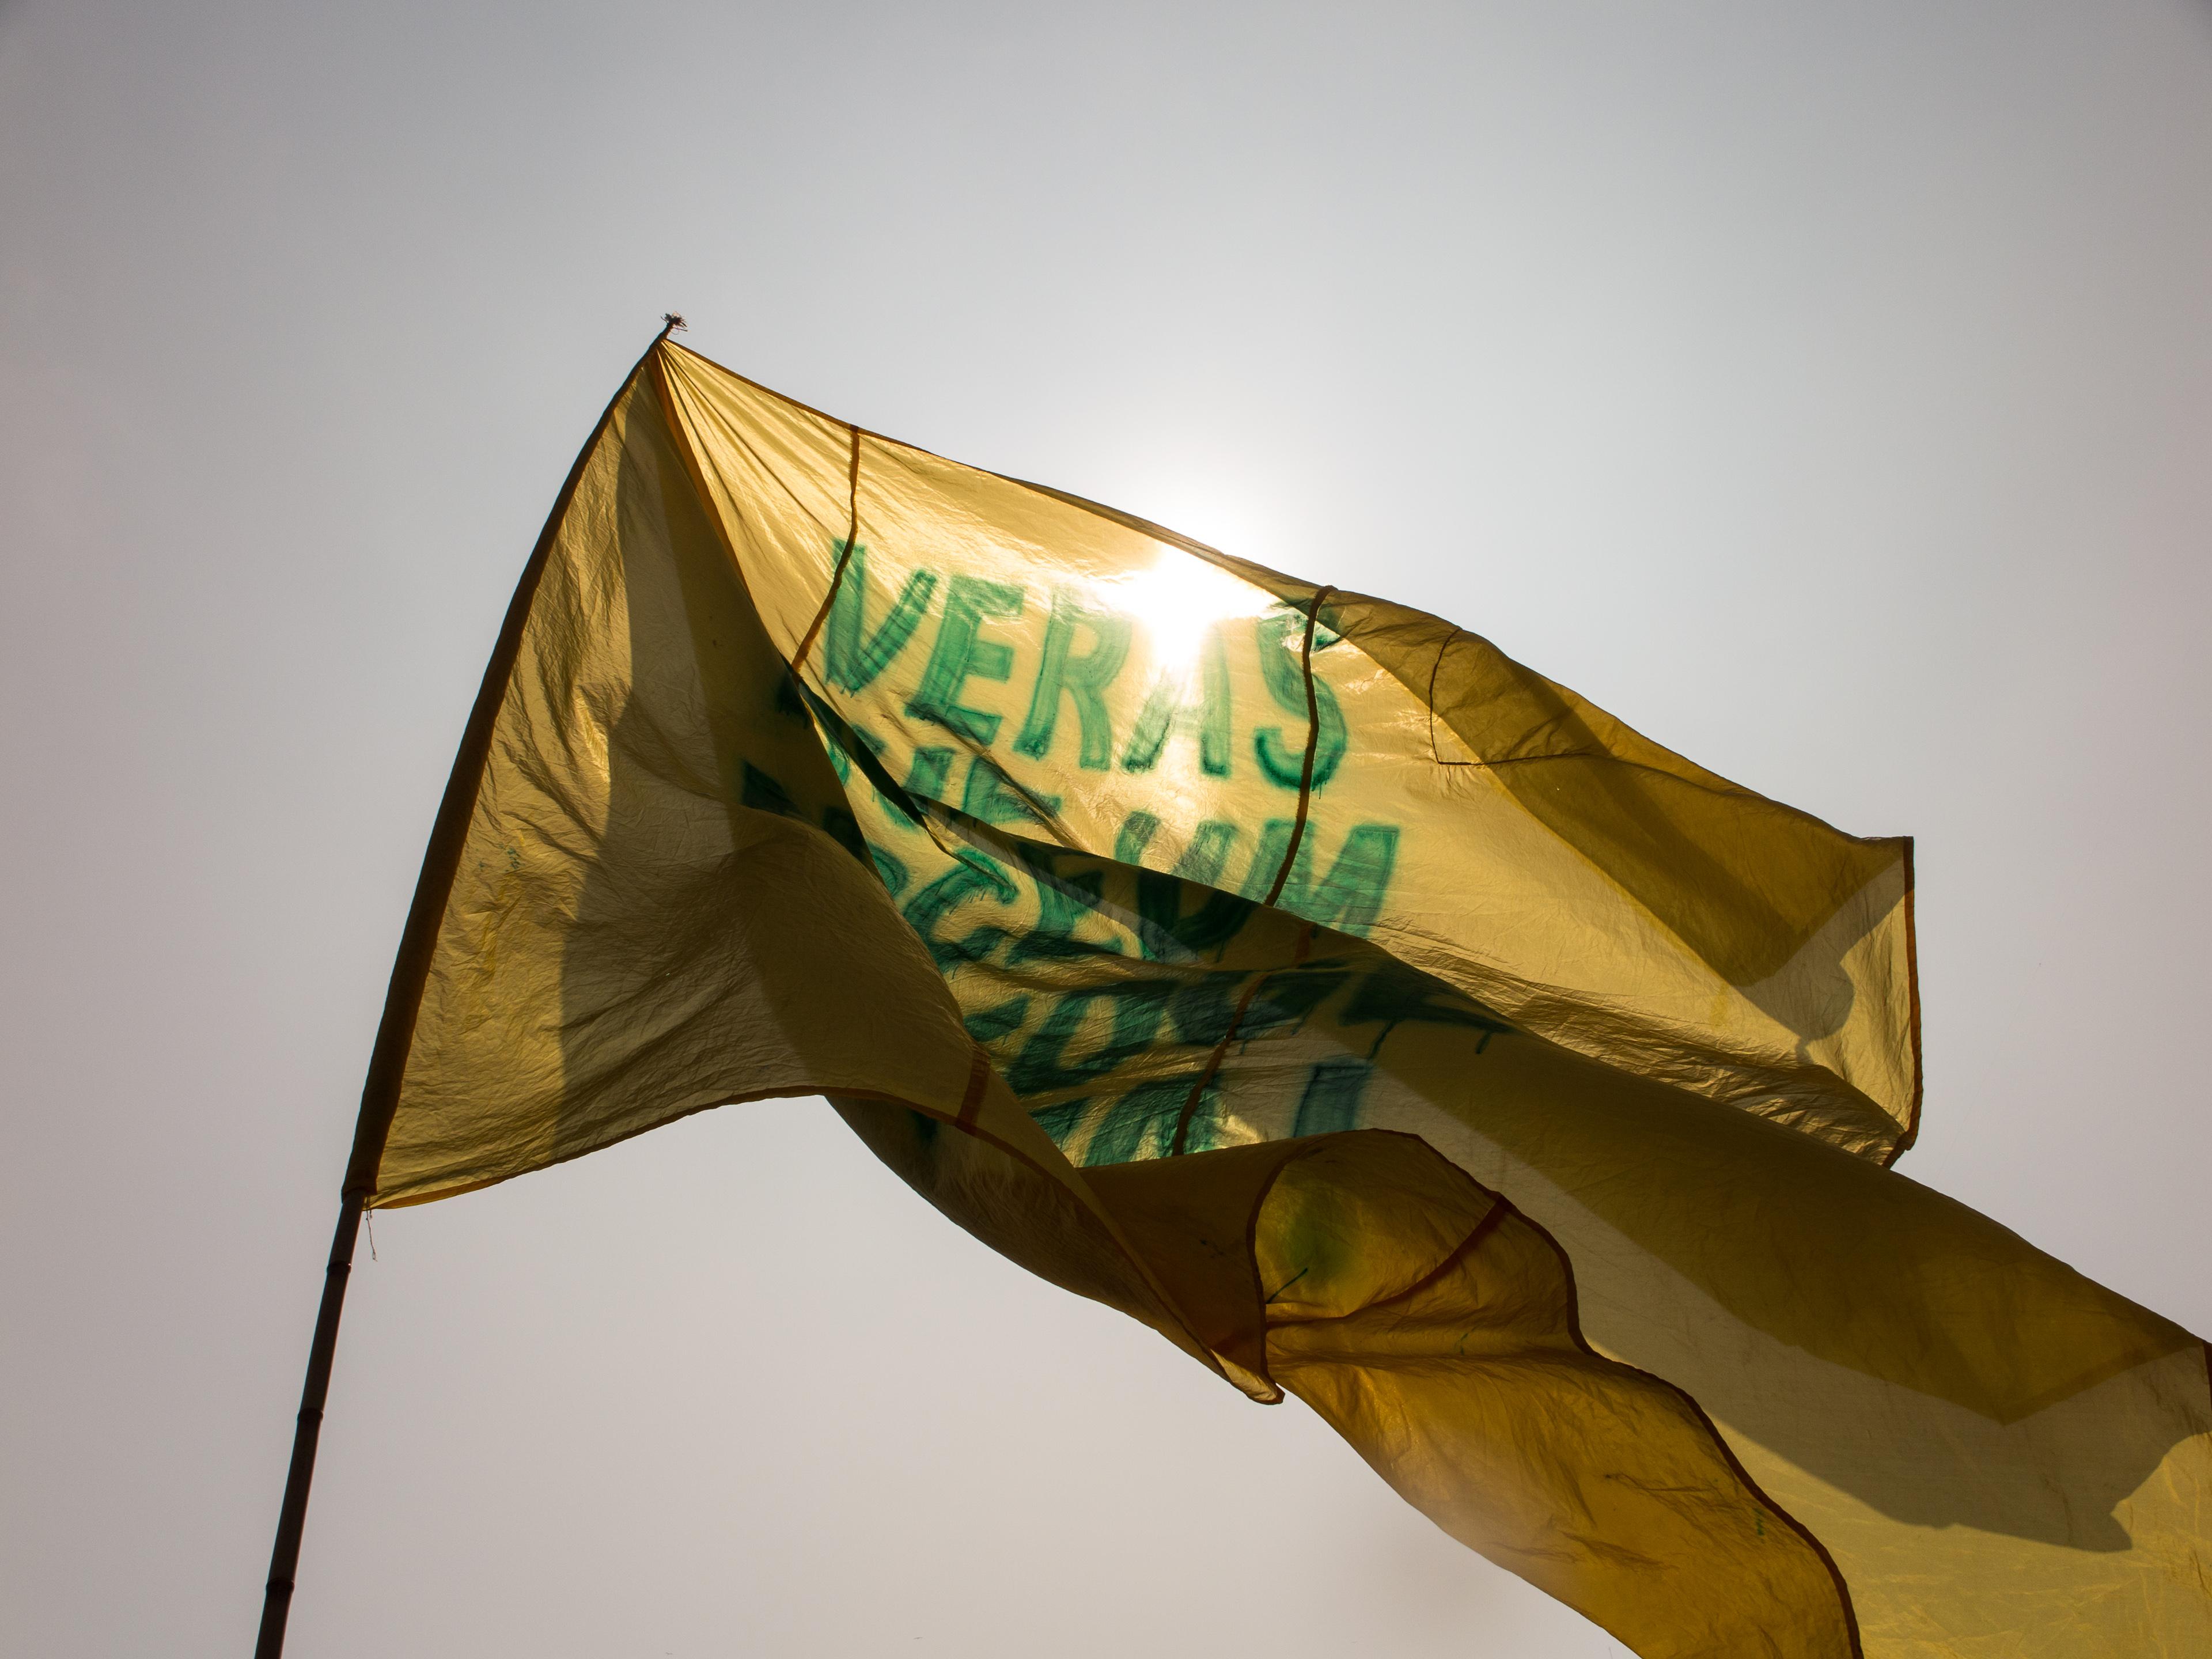 bresil-mondial-football-2014-11